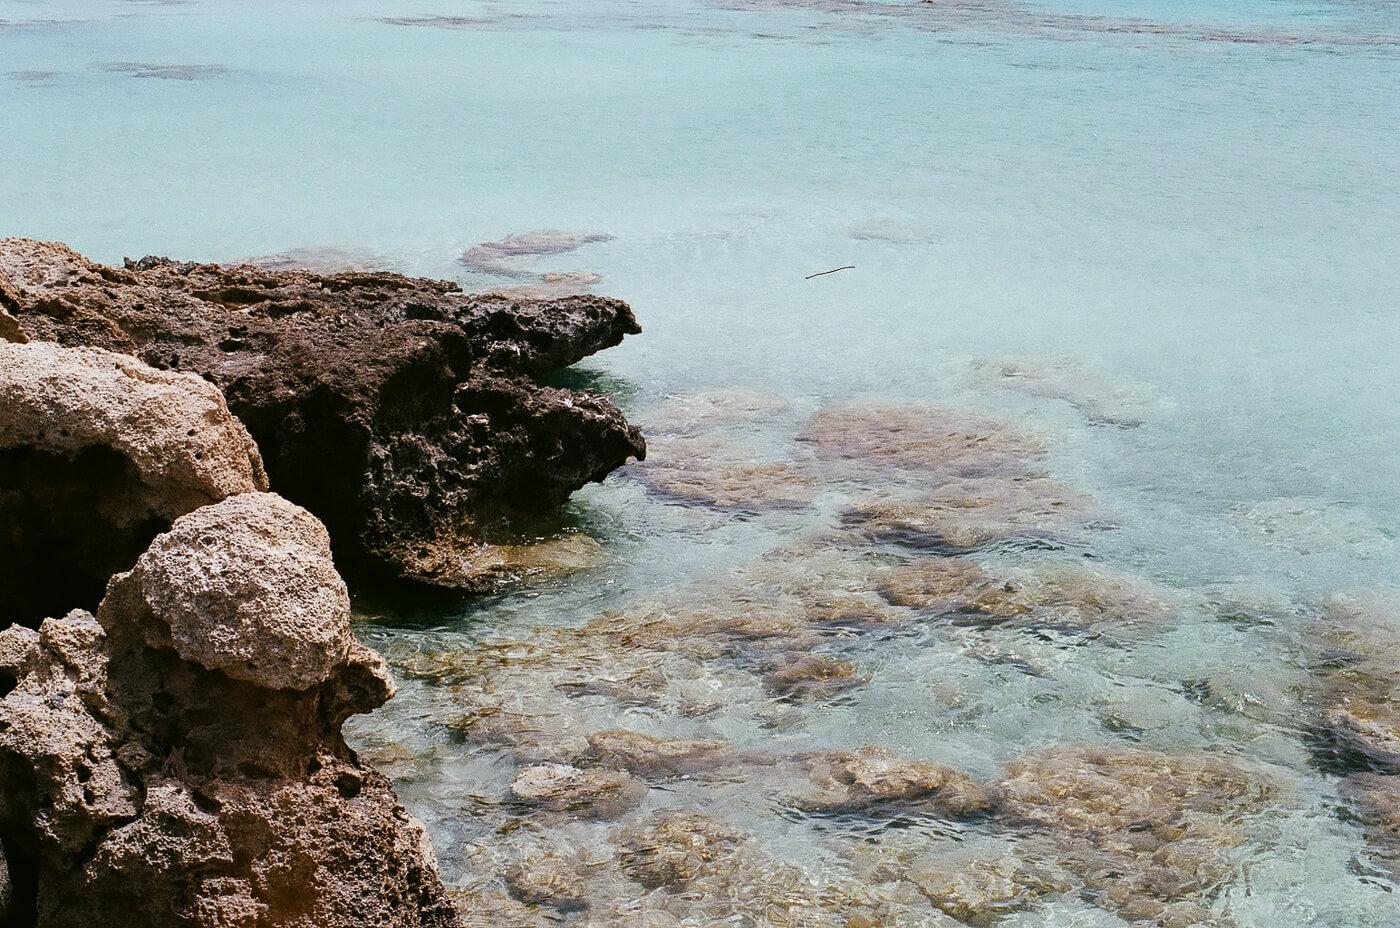 Greece Beach-5@2x.jpg